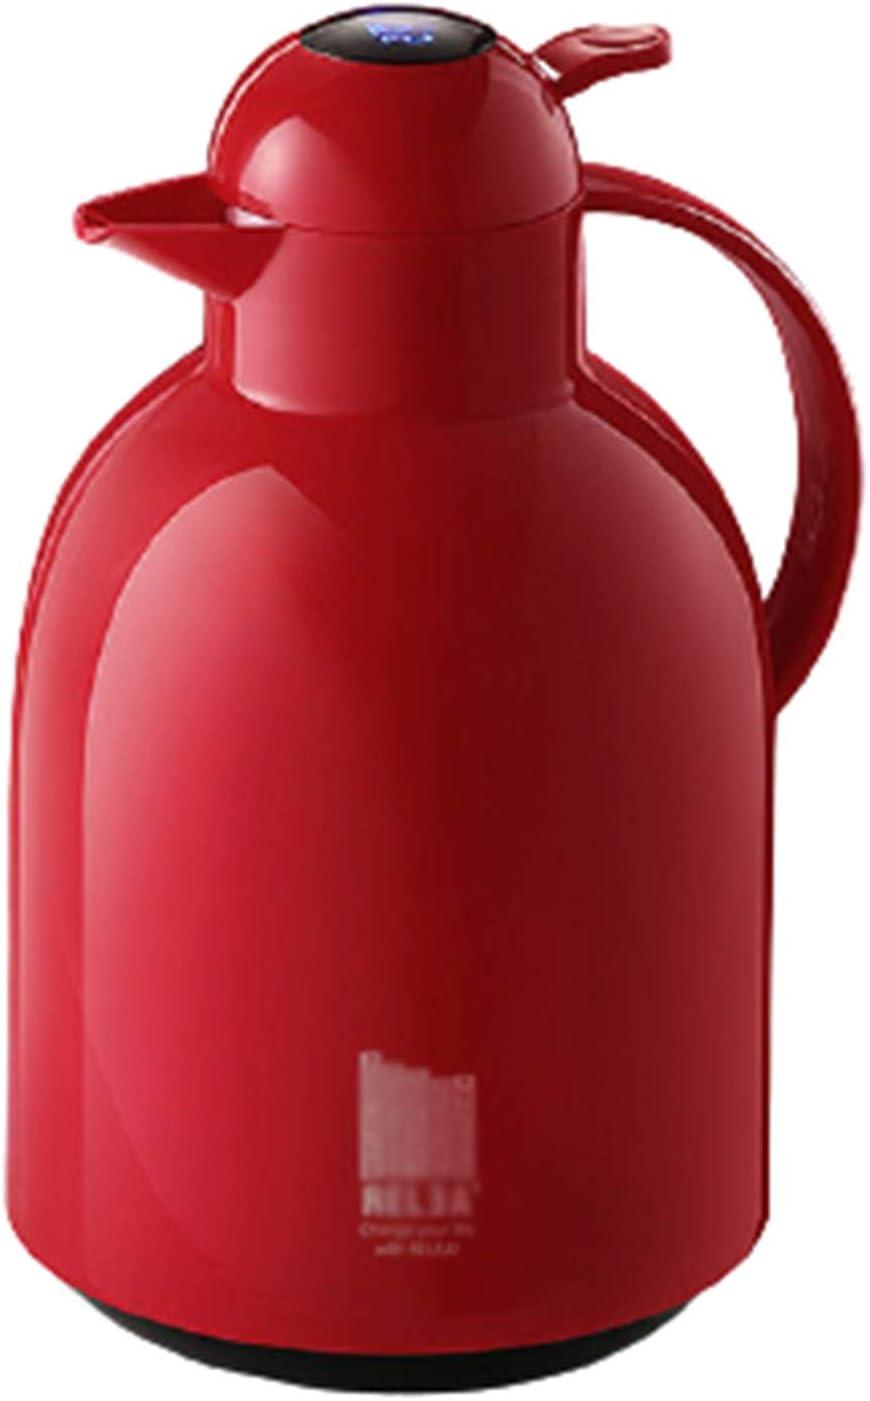 DJiess Jarra Térmica Termo/Temperatura De La Pantalla LED Inteligente Jarra Isotérmica/Jarras para El Té Y El Café/Jarra Térmica/De Té Y Café para Catering Red,1500ml